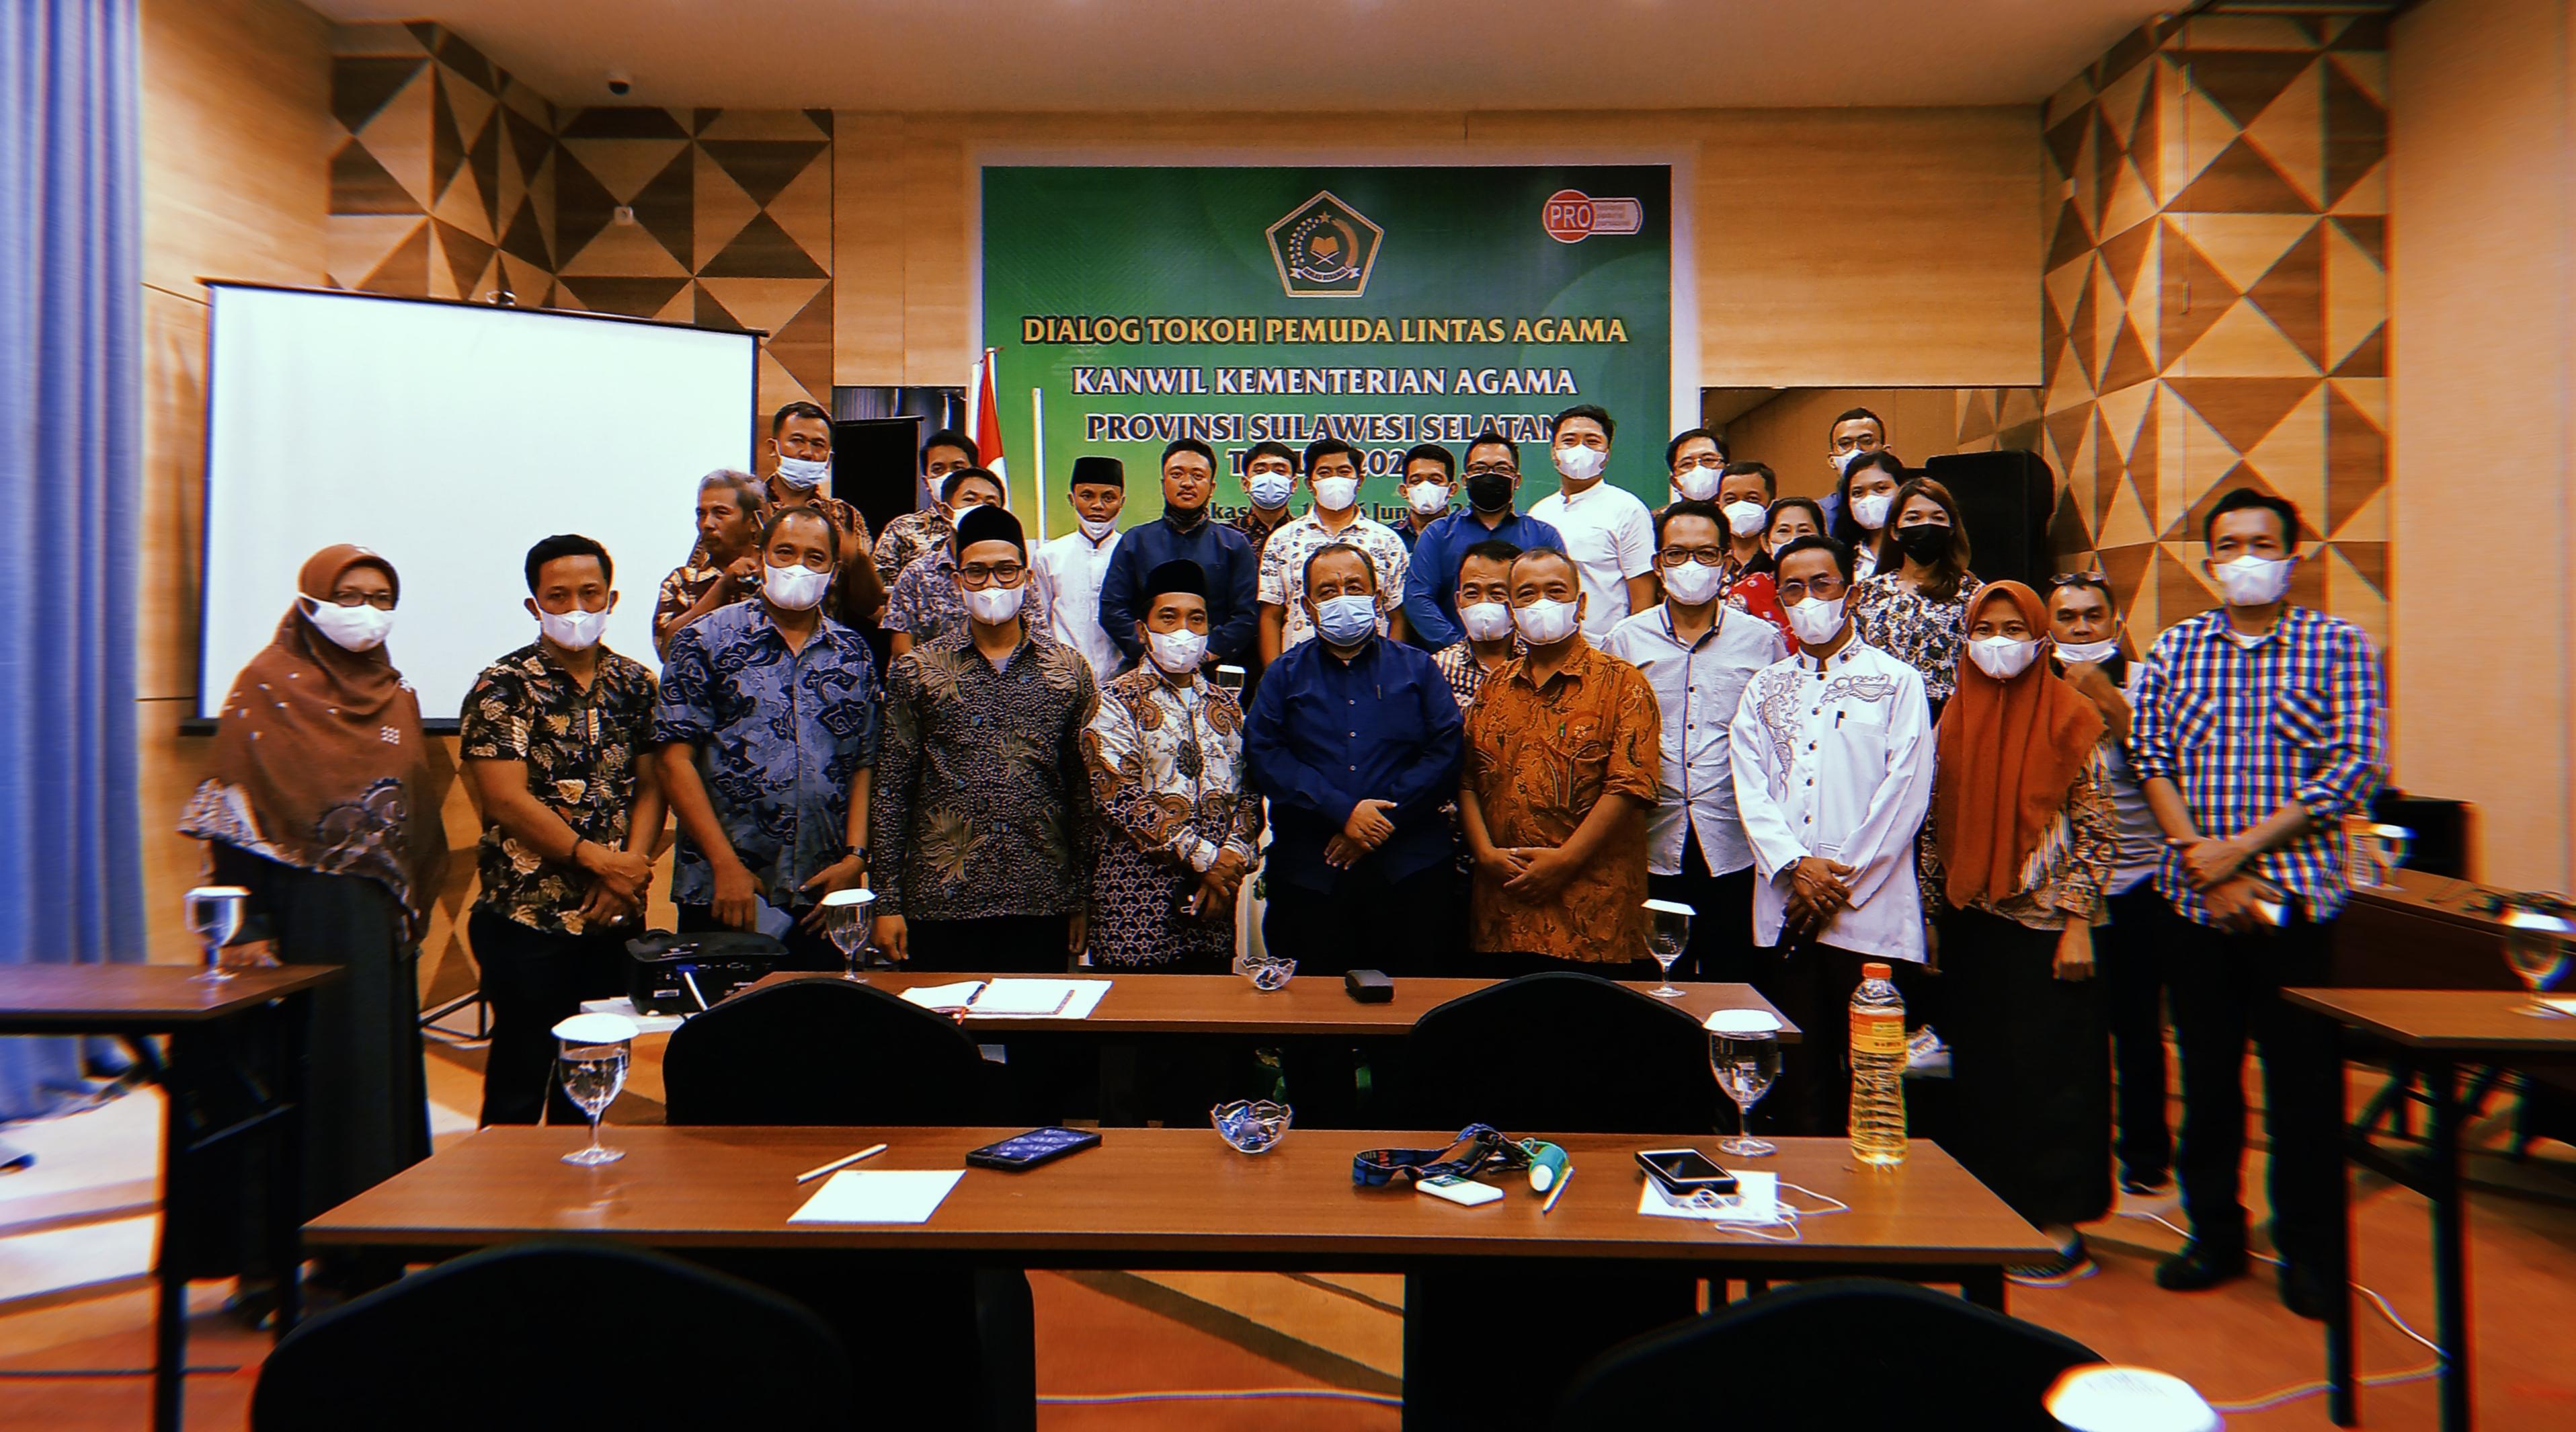 Generasi Muda FKUB siap Bersinergi dengan Kanwil Sul-Sel dalam Mengawal Isu Kerukunan dan Moderasi Beragama